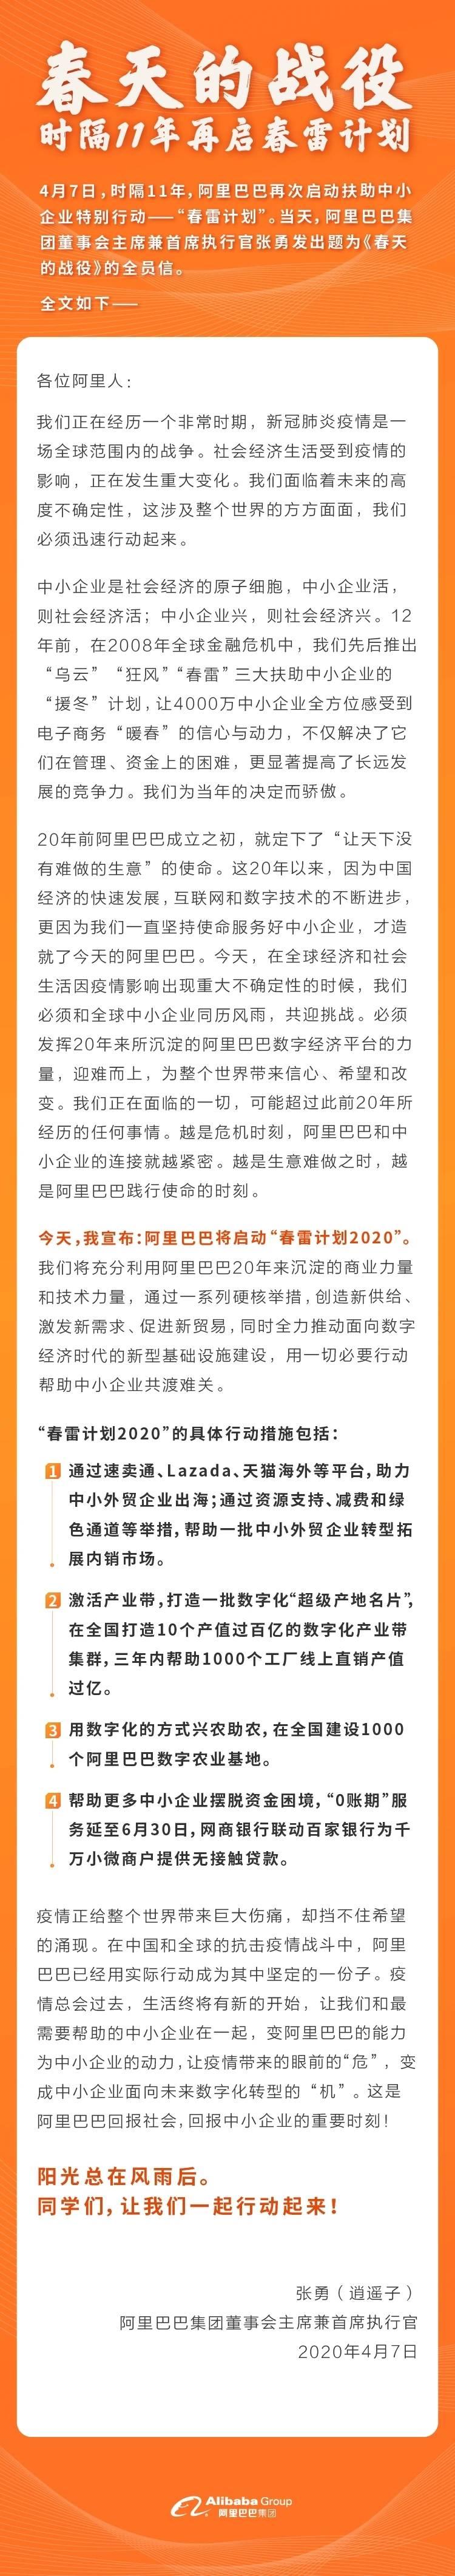 """危機下(xia)""""春雷(lei)""""再響,阿里數(shu)字化助(zhu)力中(zhong)xing)Σ笠ye)復甦"""